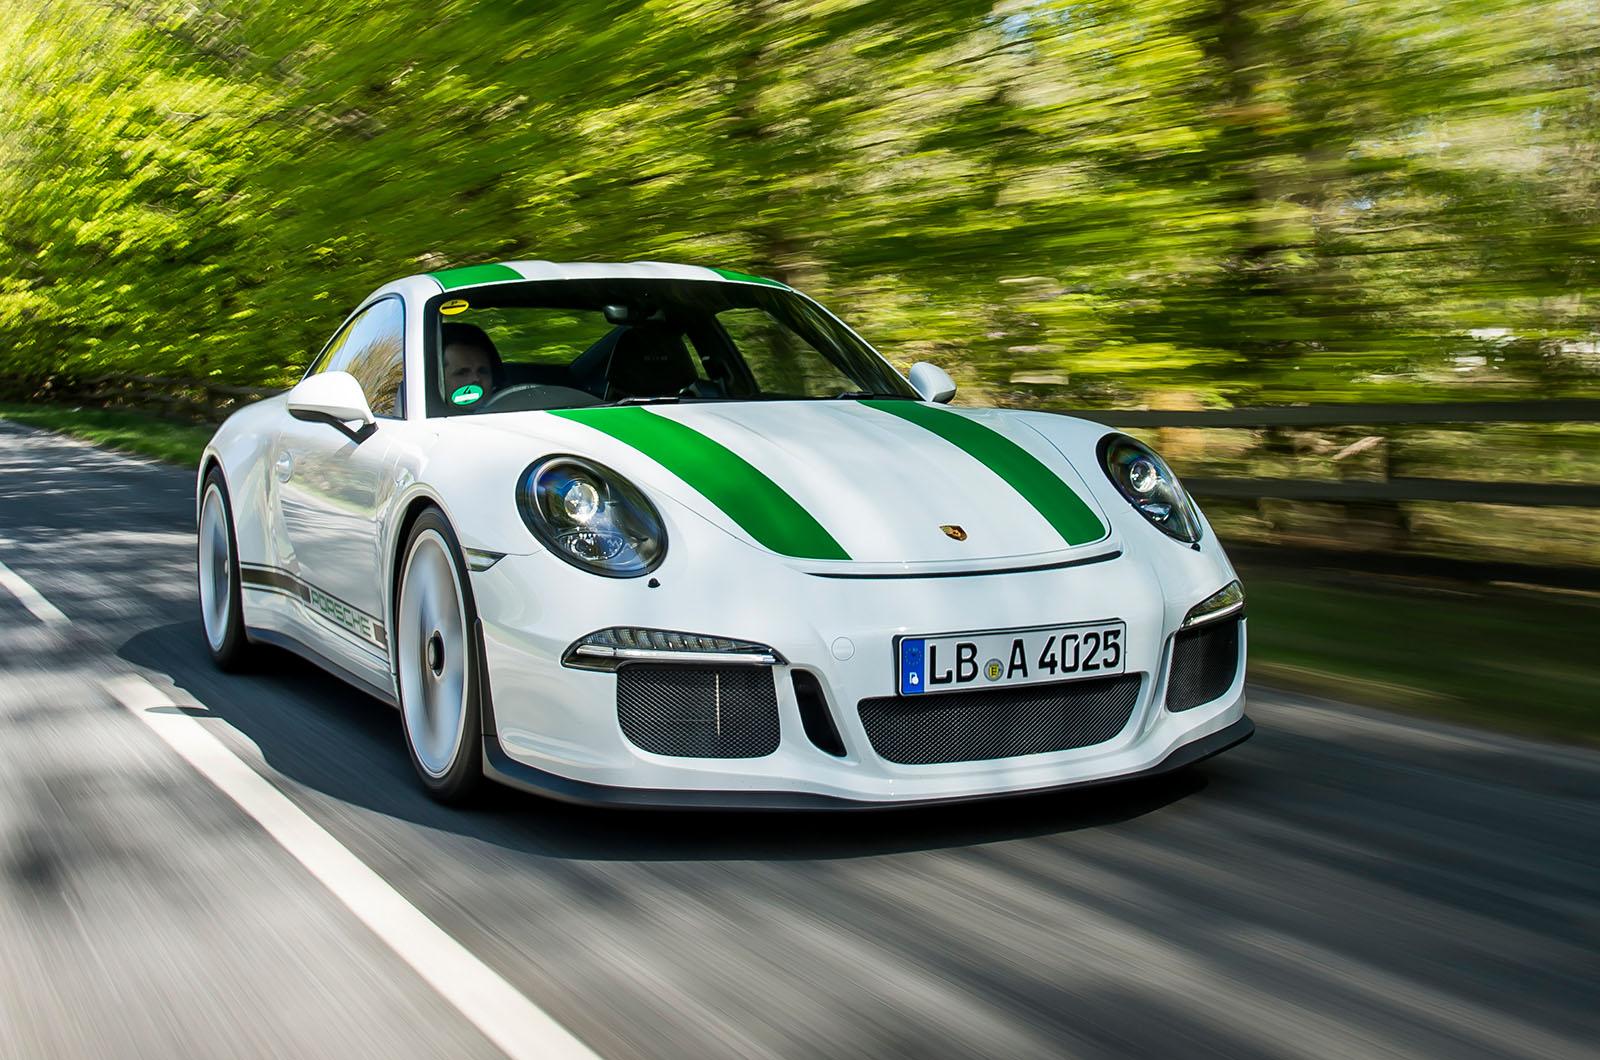 Porsche 911 gt3 rs review 2017 autocar - Porsche 911 Gt3 Rs Review 2017 Autocar 15